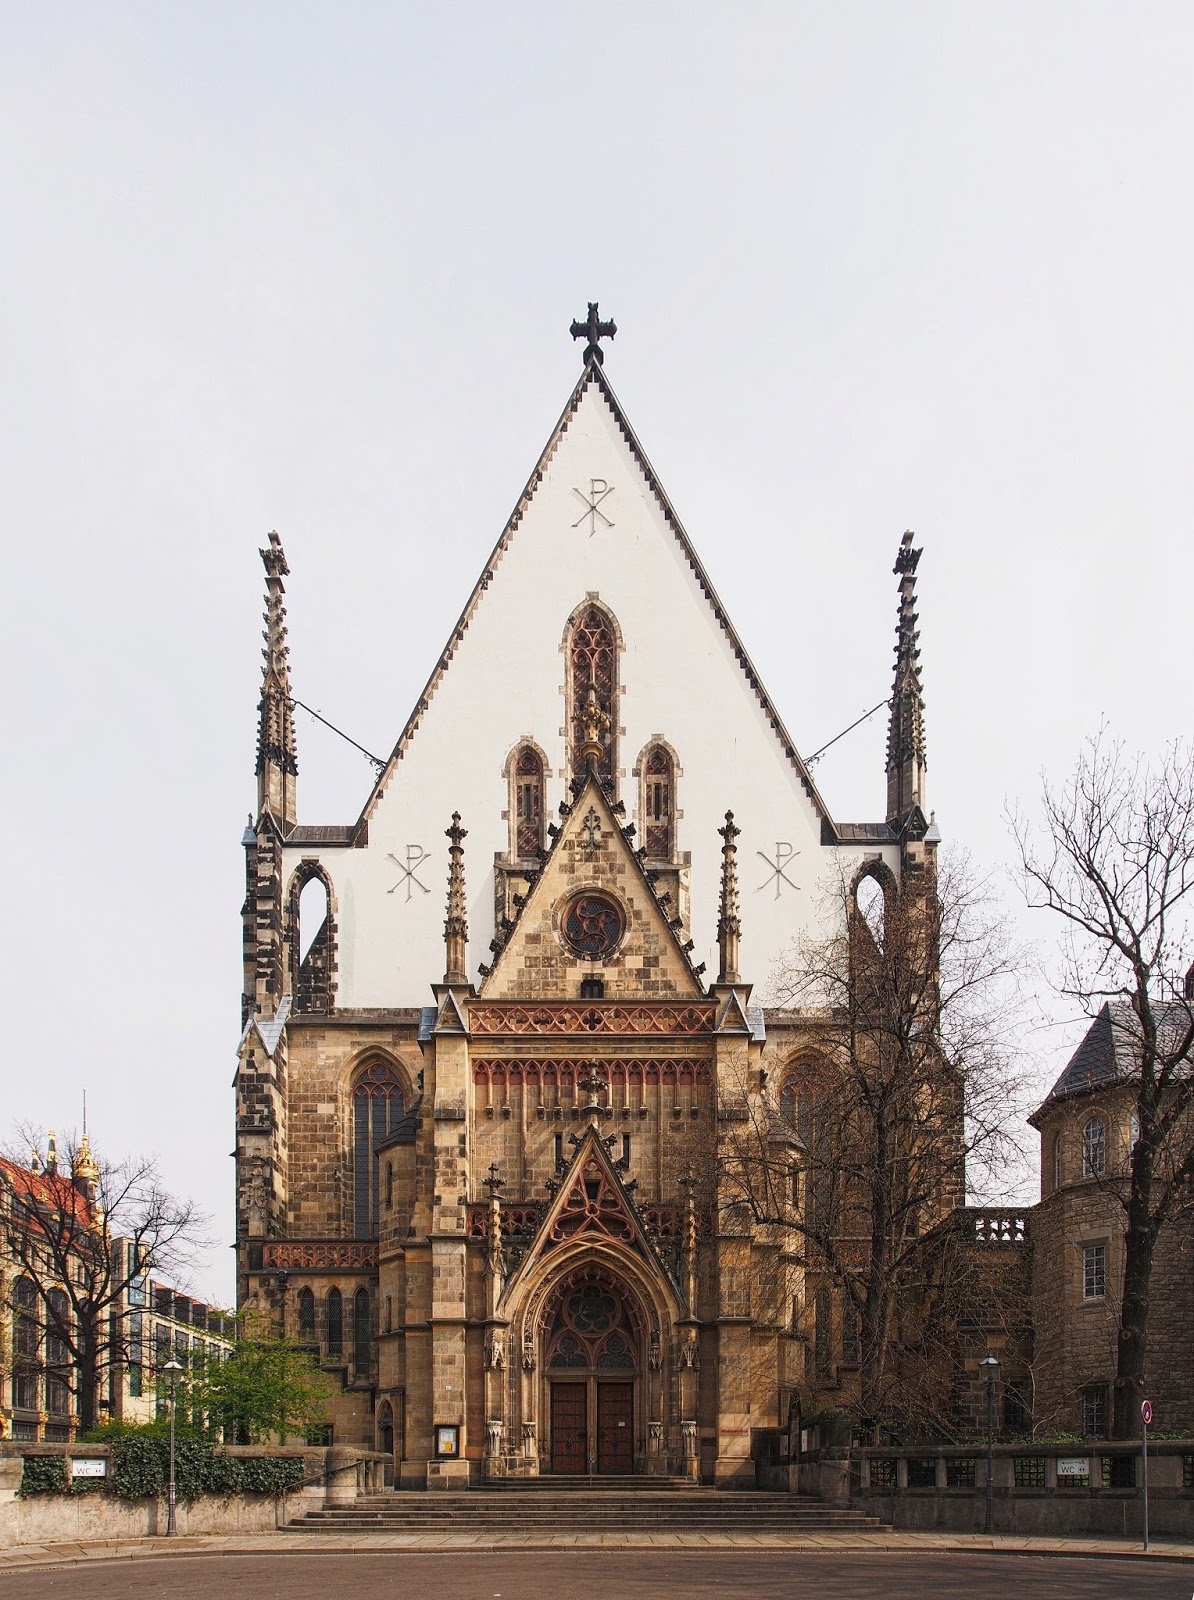 Thomaskirche (St. Thomas Church)